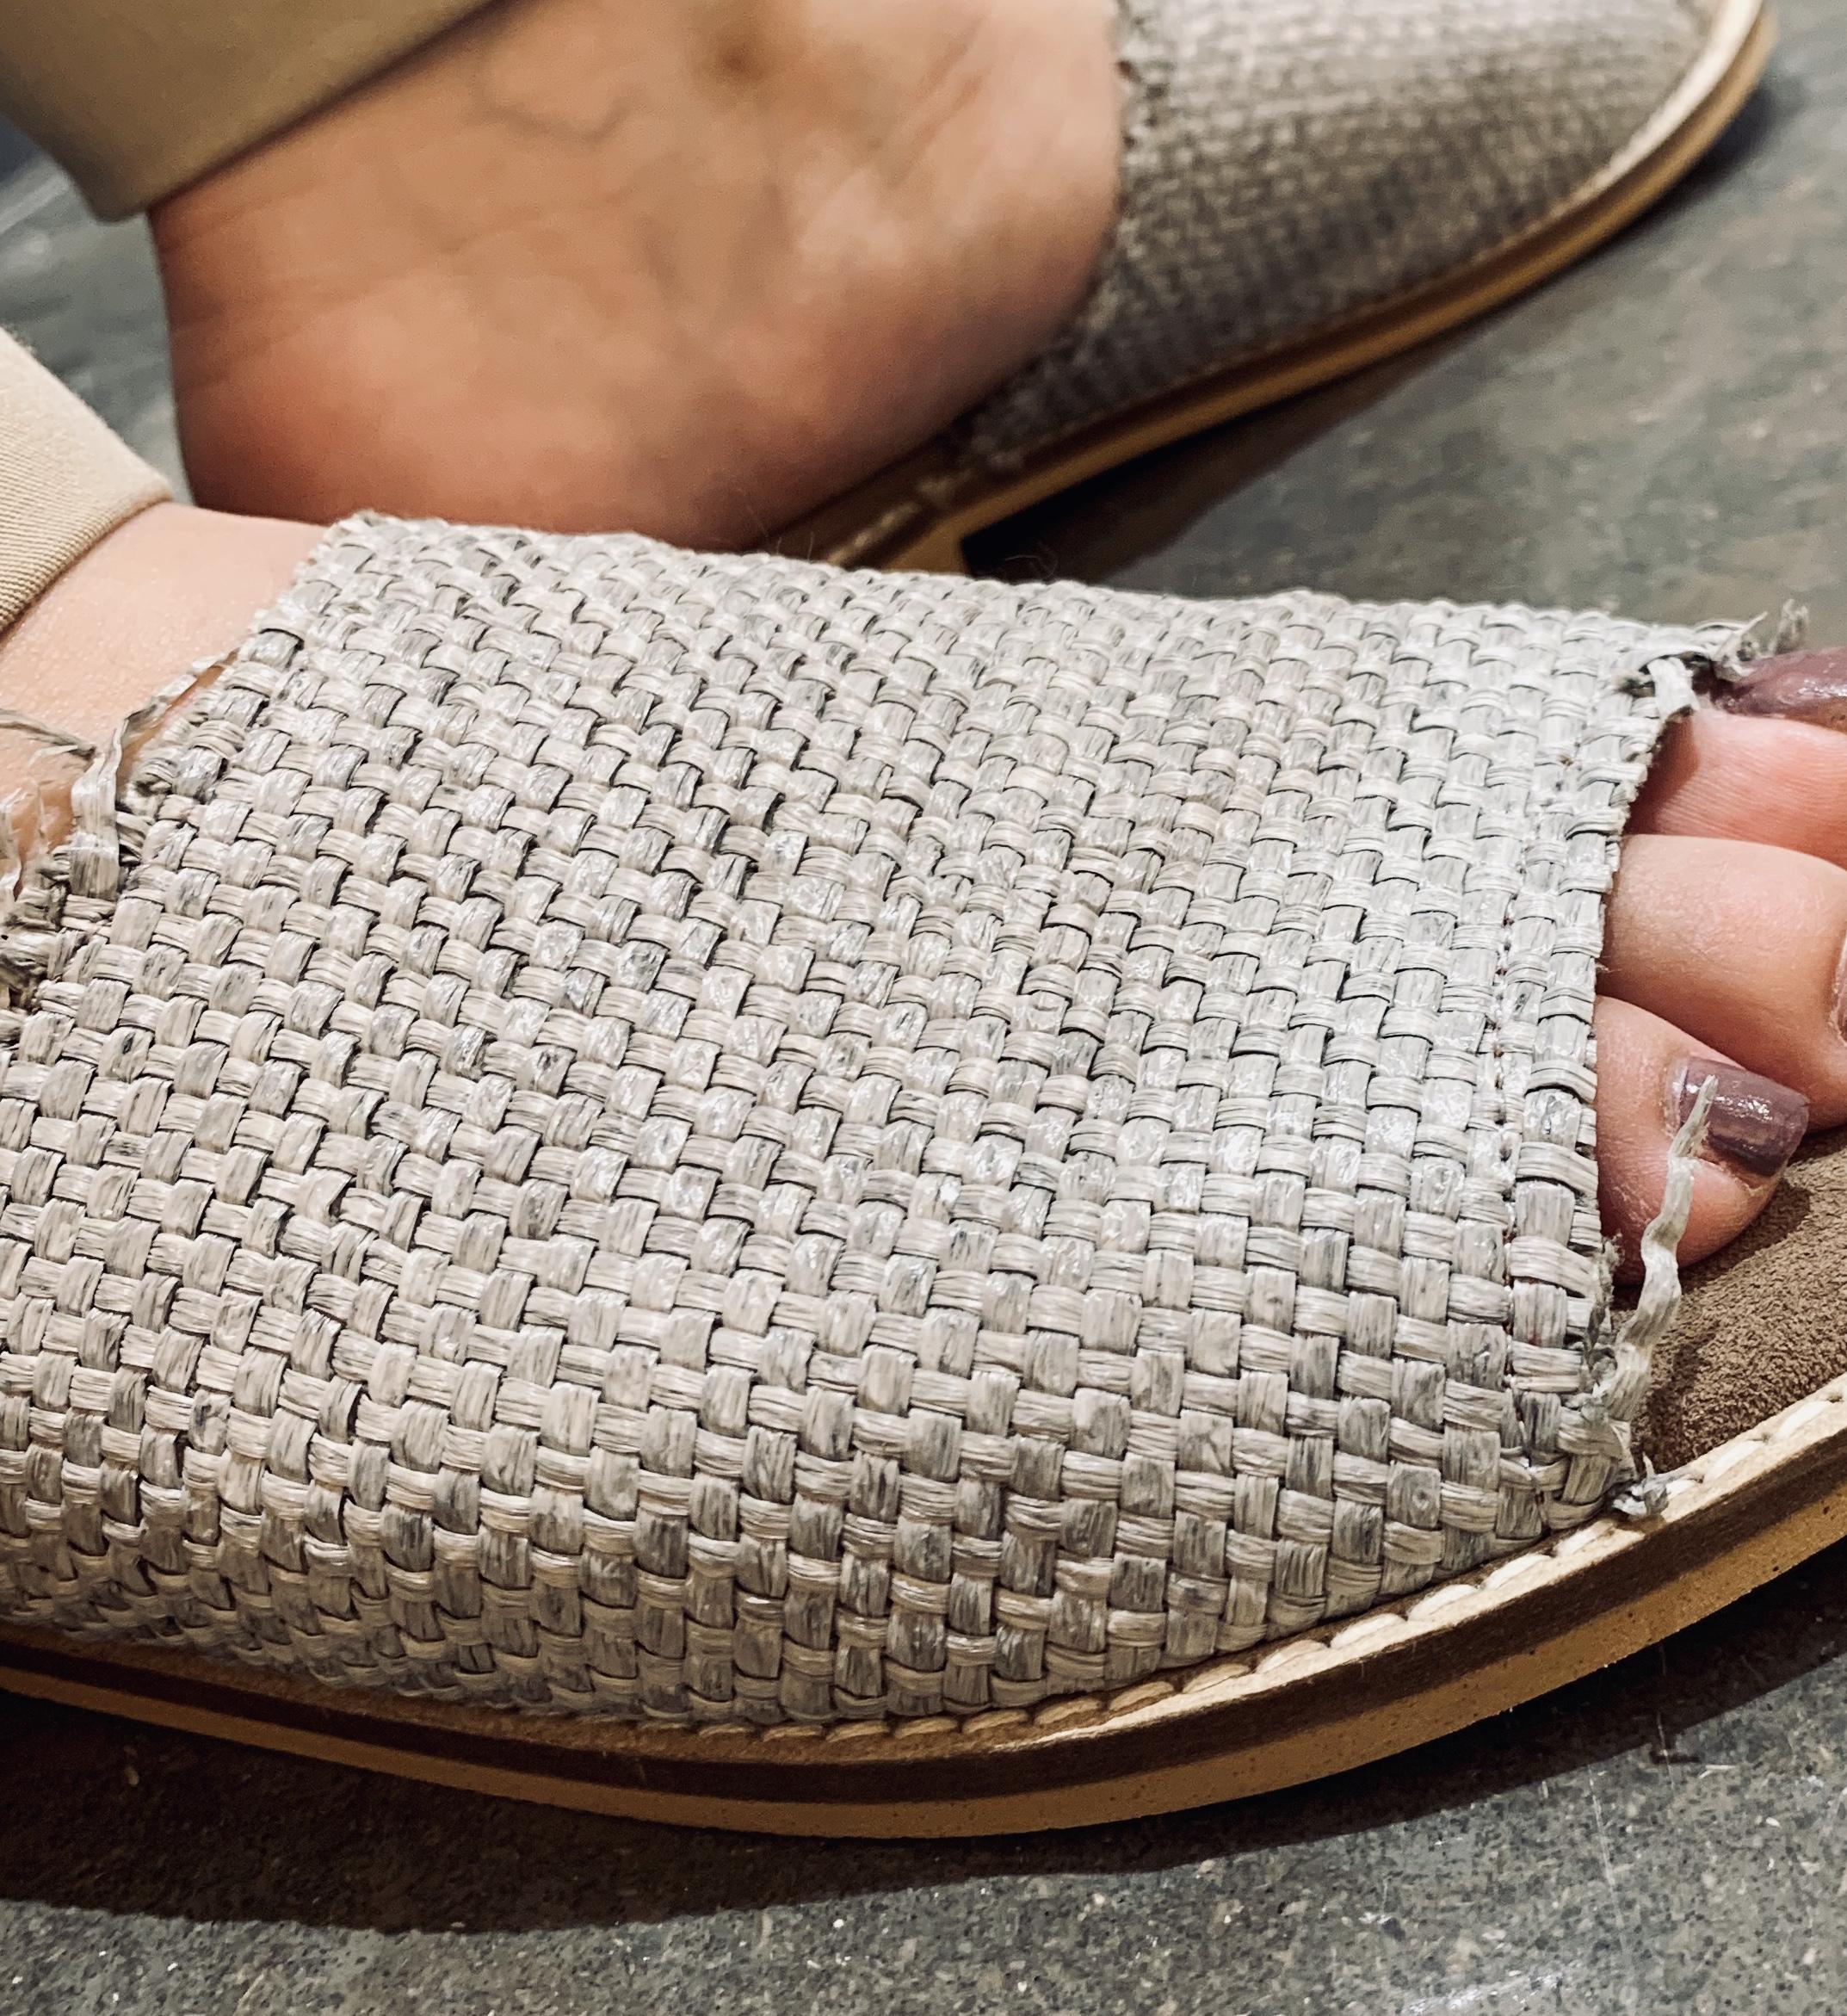 bertuchi ベルタッチ Scrap Book 有楽町マルイ 可愛い スクラップブック サンダル sandal スペインブランド 履きやすい 柔らかいソール 珍しいカラーサンダル 切りっぱなしデザイン ローヒールサンダル ぺったんこサンダル フラットサンダル